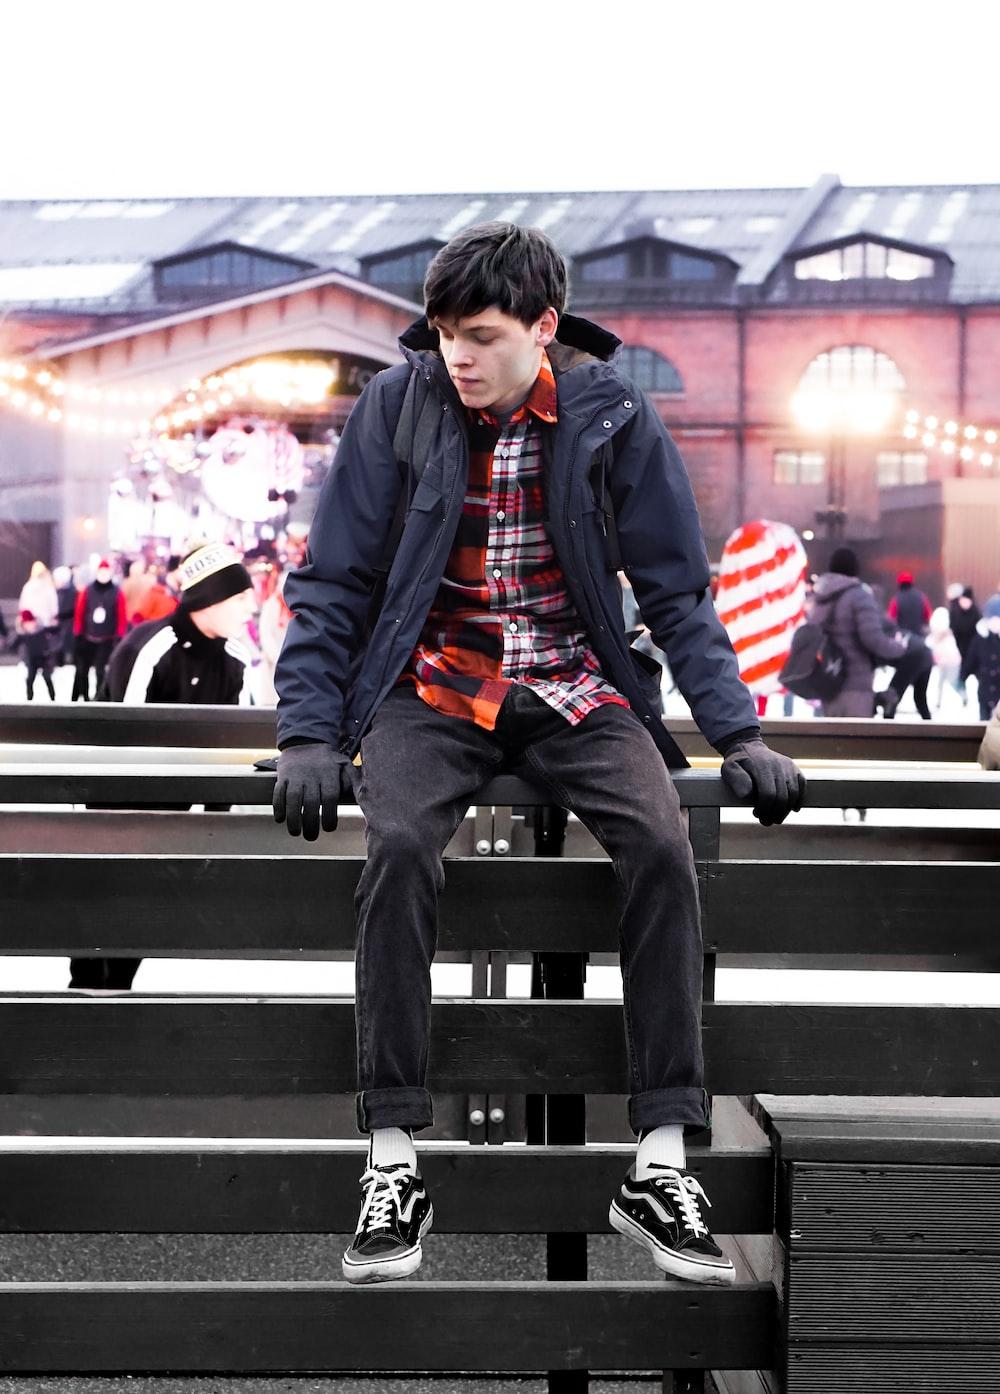 man sitting on a bleacher